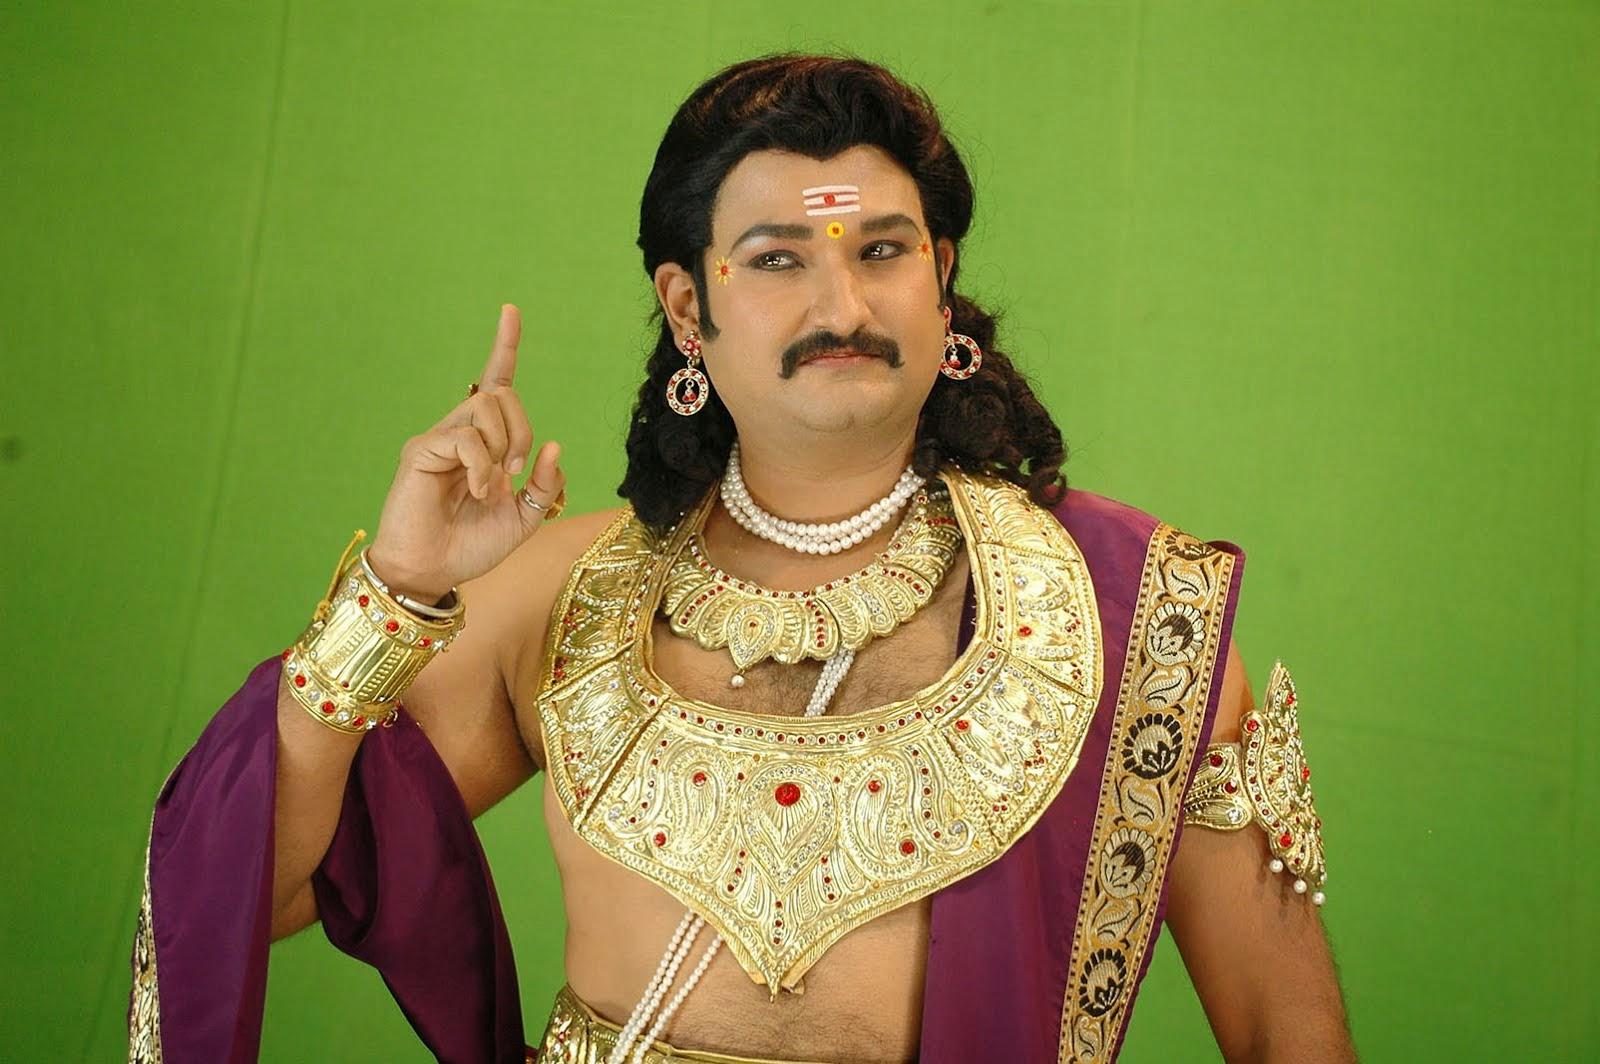 Vasavi Vaibhavam Telugu Movie Latest photo hdgallery , Suman, Suman HD photo Gallery, Telugu Movie actors, Tollywood, Indian Actors, Latest wallpapers, latest HD images,